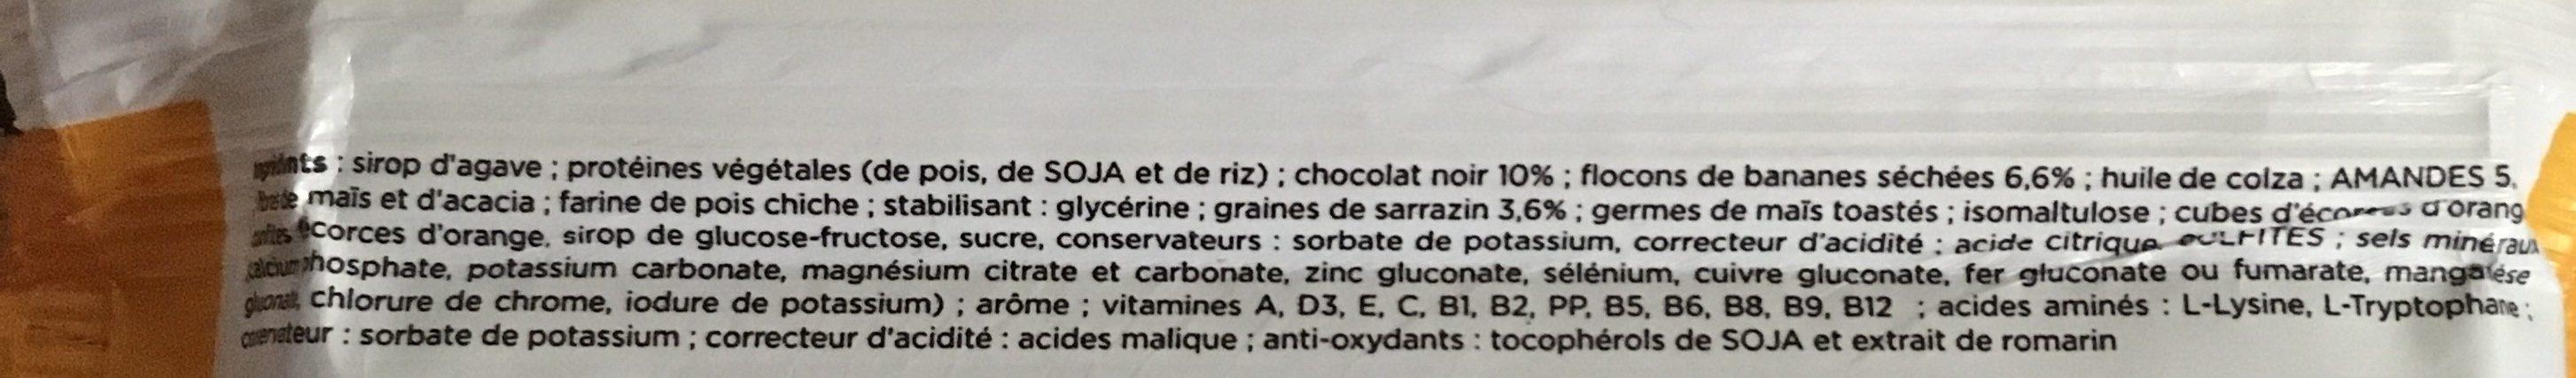 Feed barre banane chocolat - Ingrédients